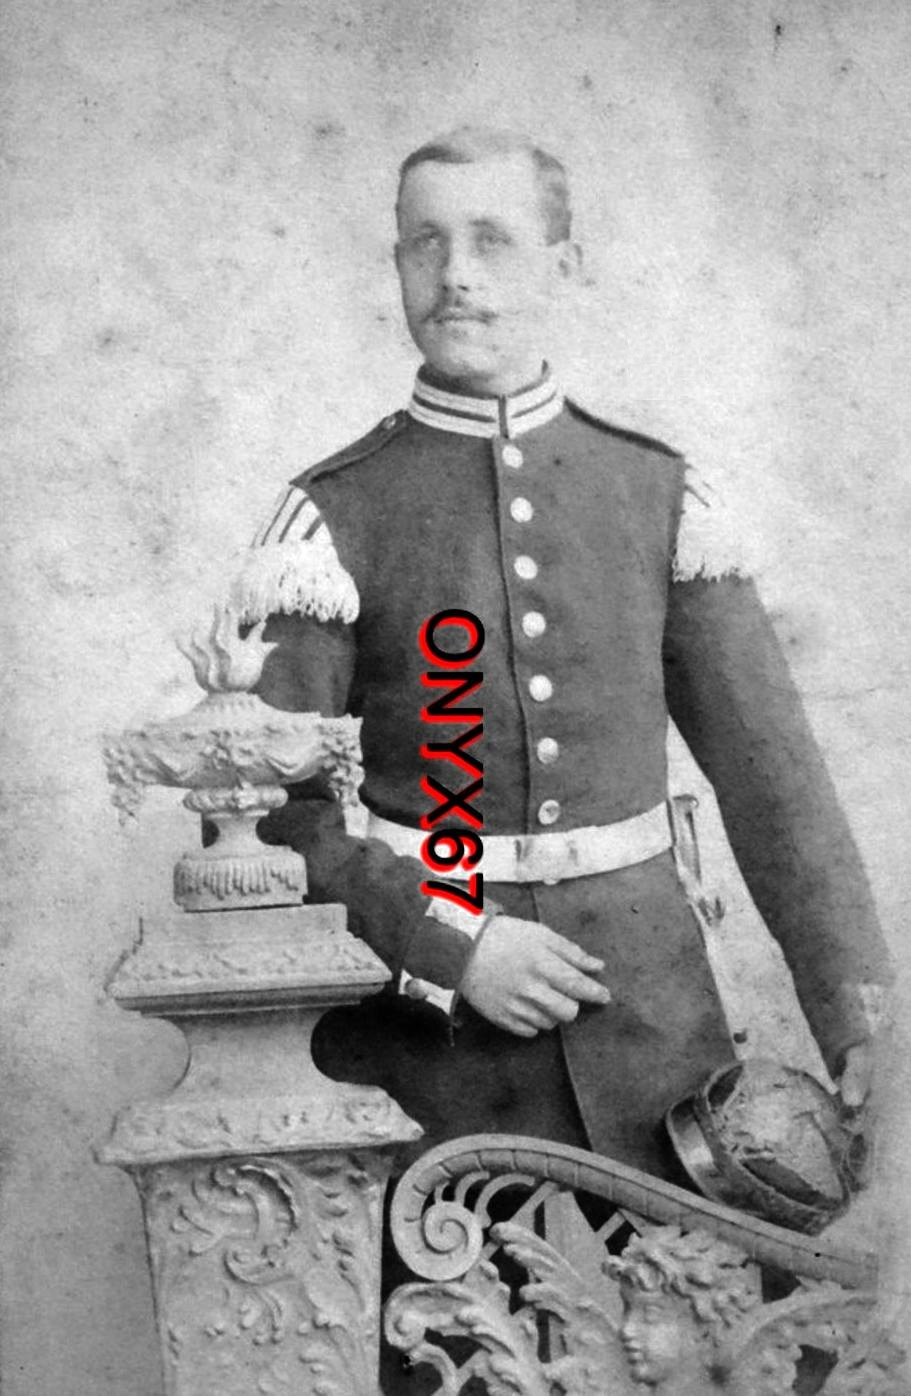 Officier Allemand vers 1914 083_0010